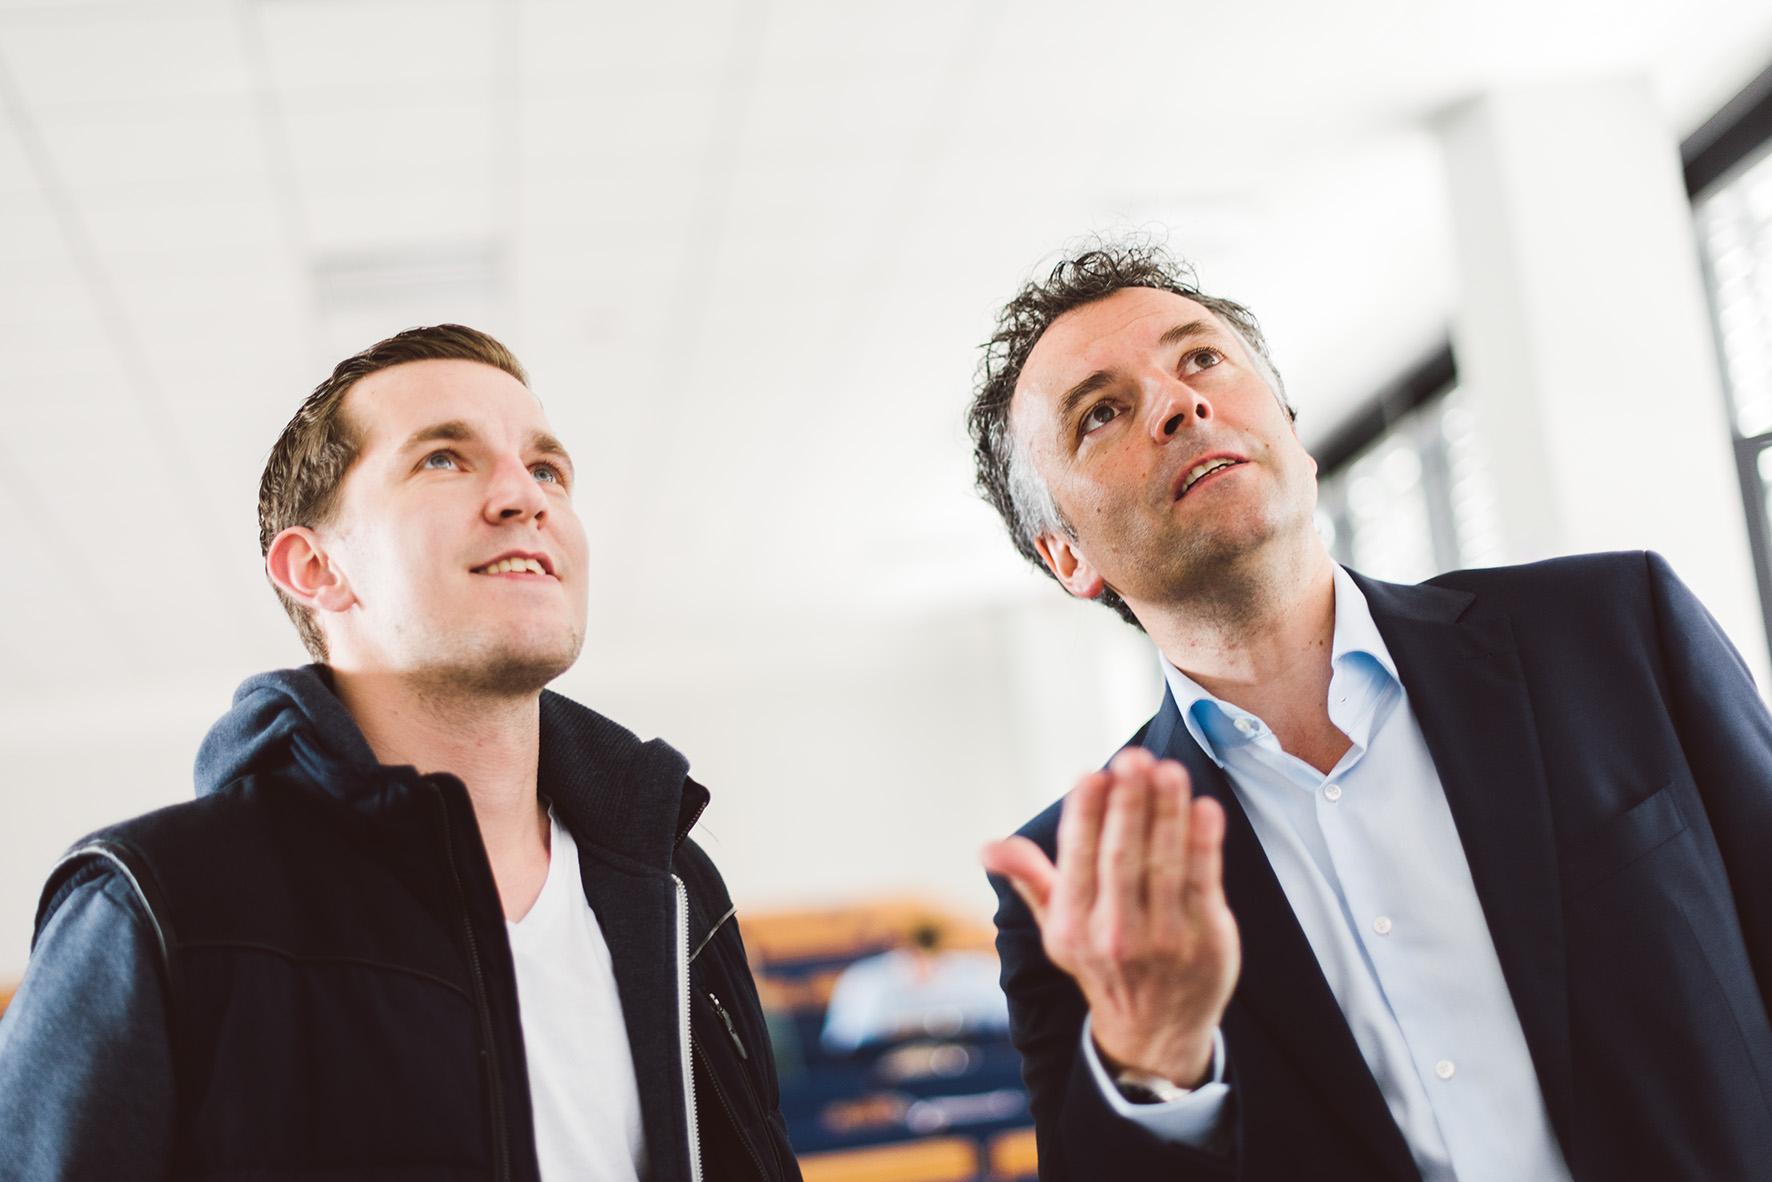 Student im Gespräch mit Professor